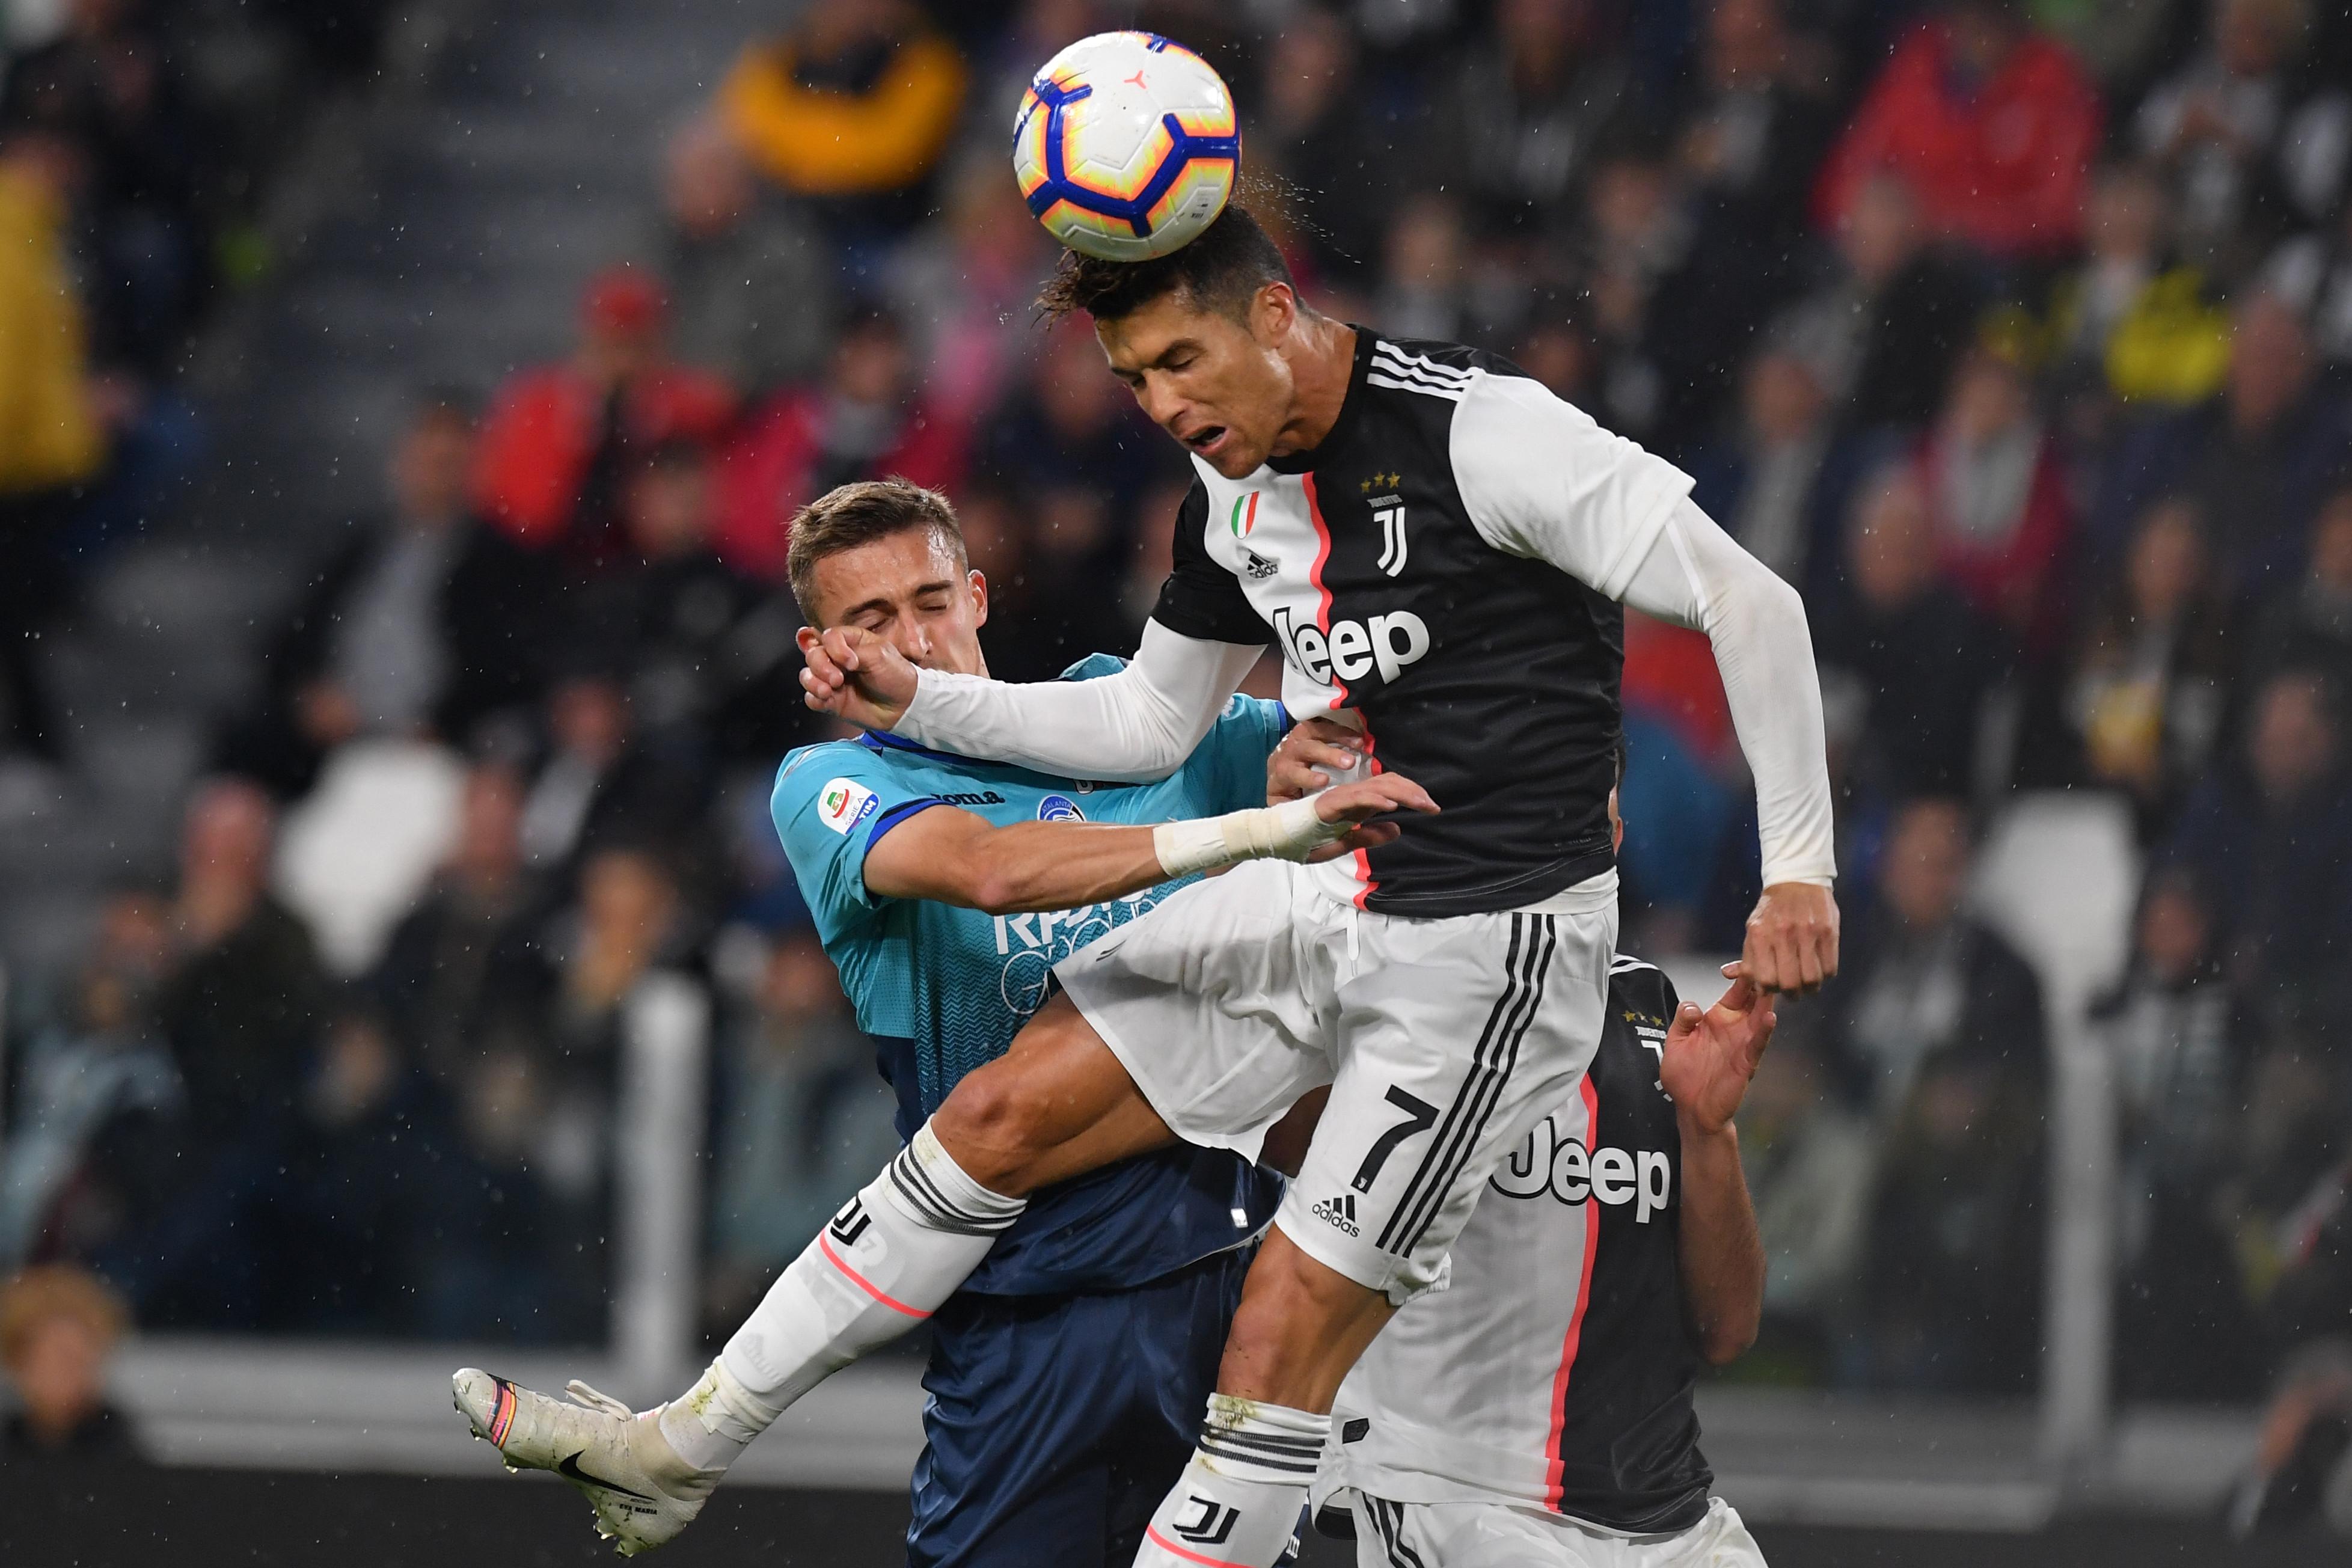 Em dia de despedidas, Juventus volta a desiludir no último jogo em casa